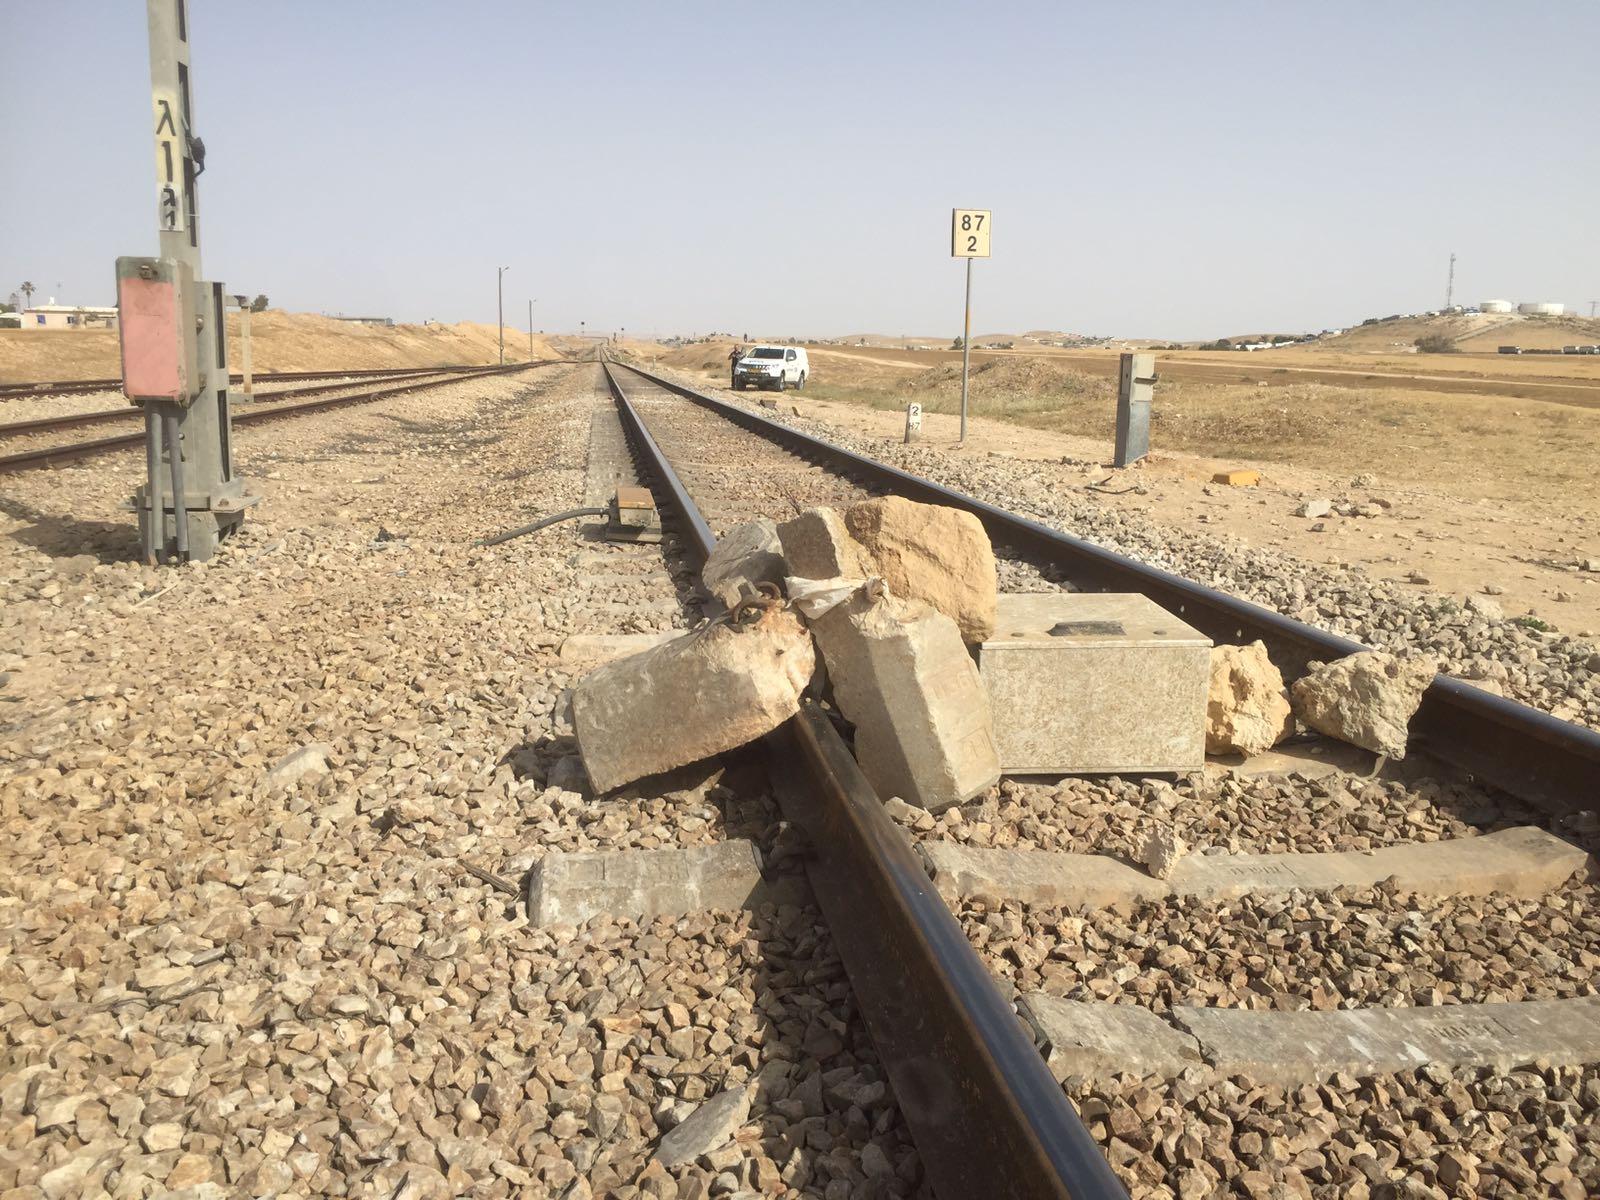 פיגוע מסוג חדש? אבנים על פסי הרכבת • צפו